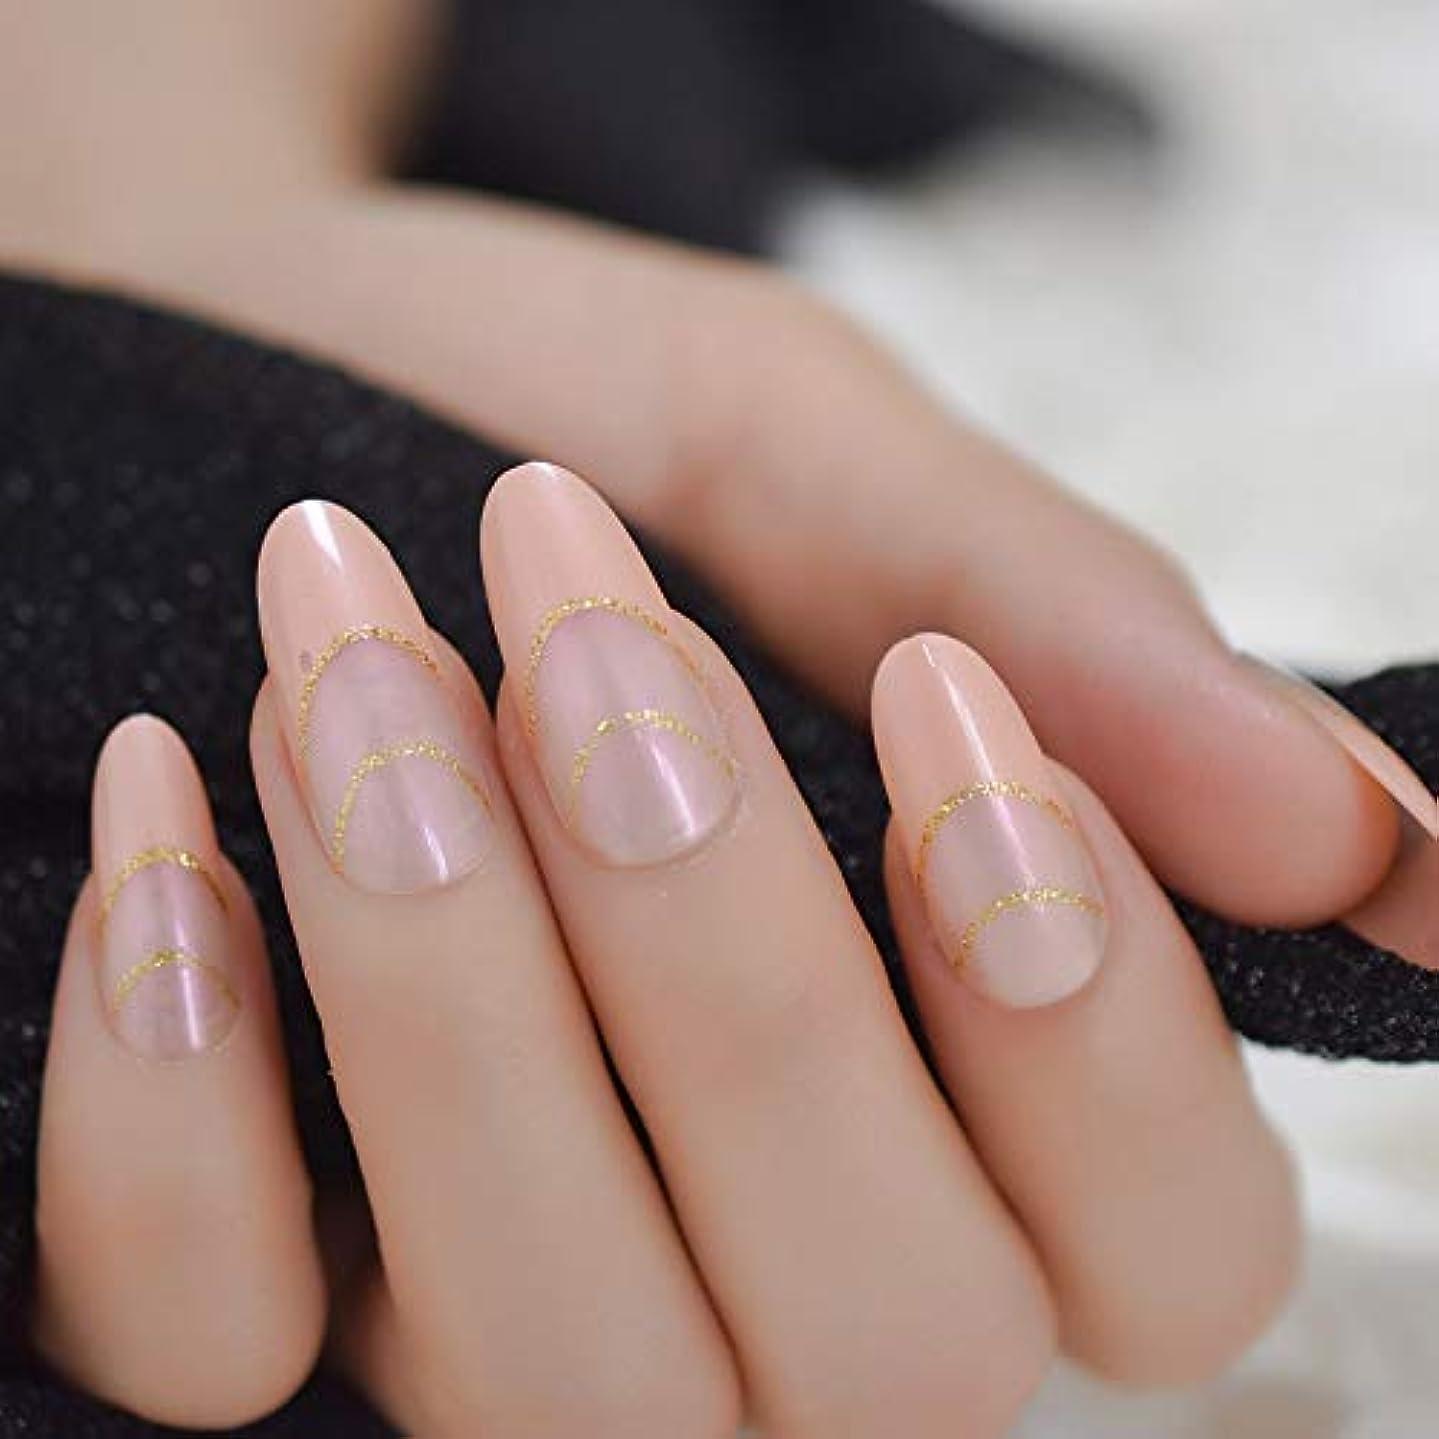 ソファー表面ワンダーXUTXZKA 指のためのマニキュアアートのための裸のピンクのヒントロングラウンド偽ネイルピンクがかったゴールドラメの偽ネイルフォーム